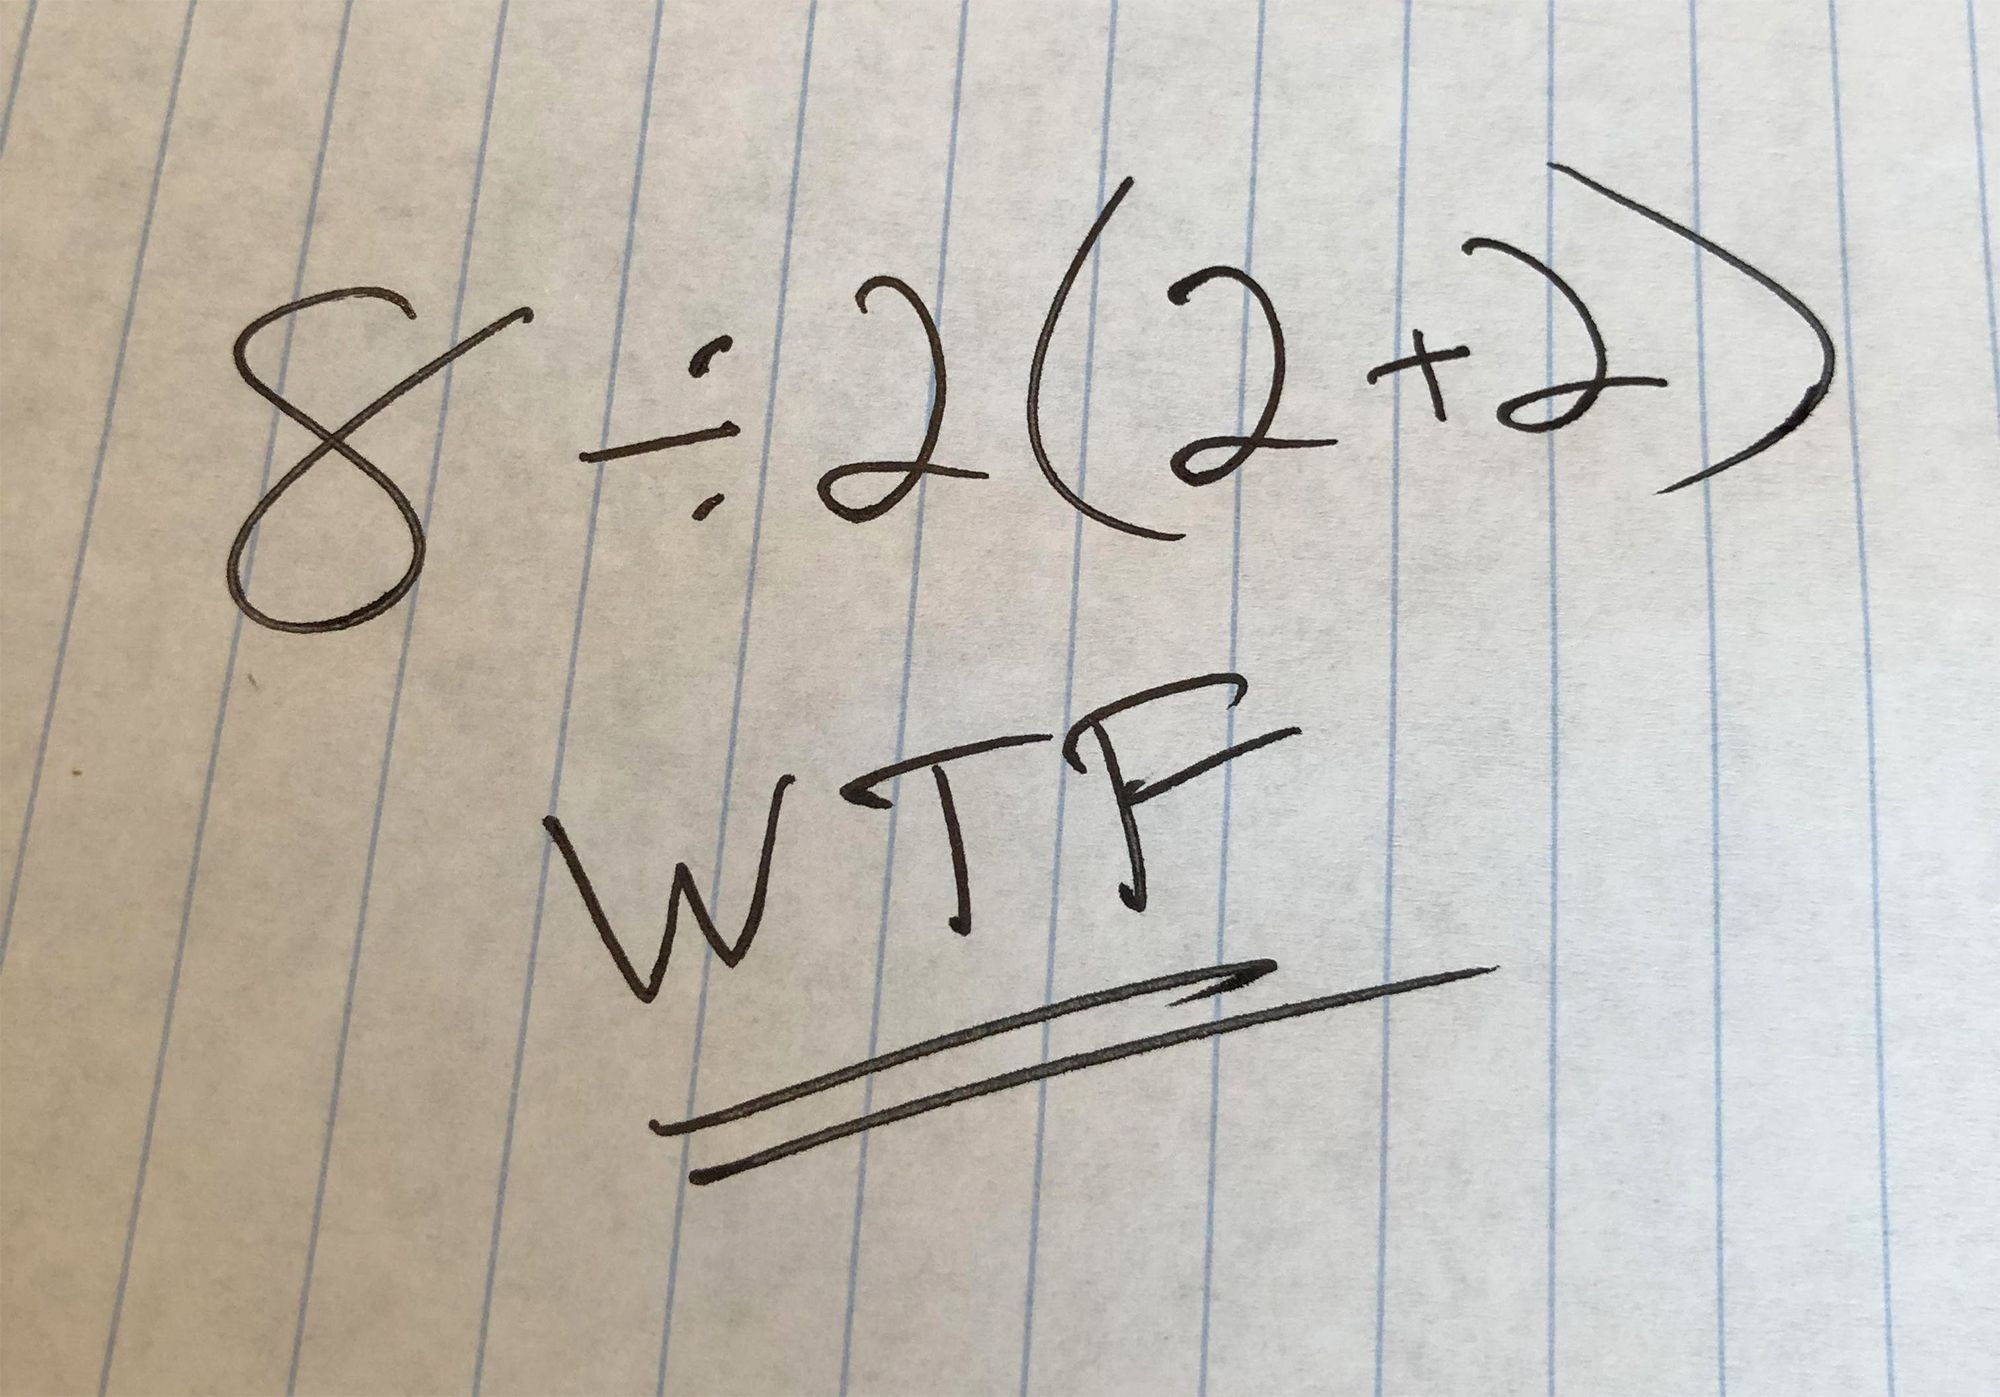 Crazy Math Equation That Equals 1